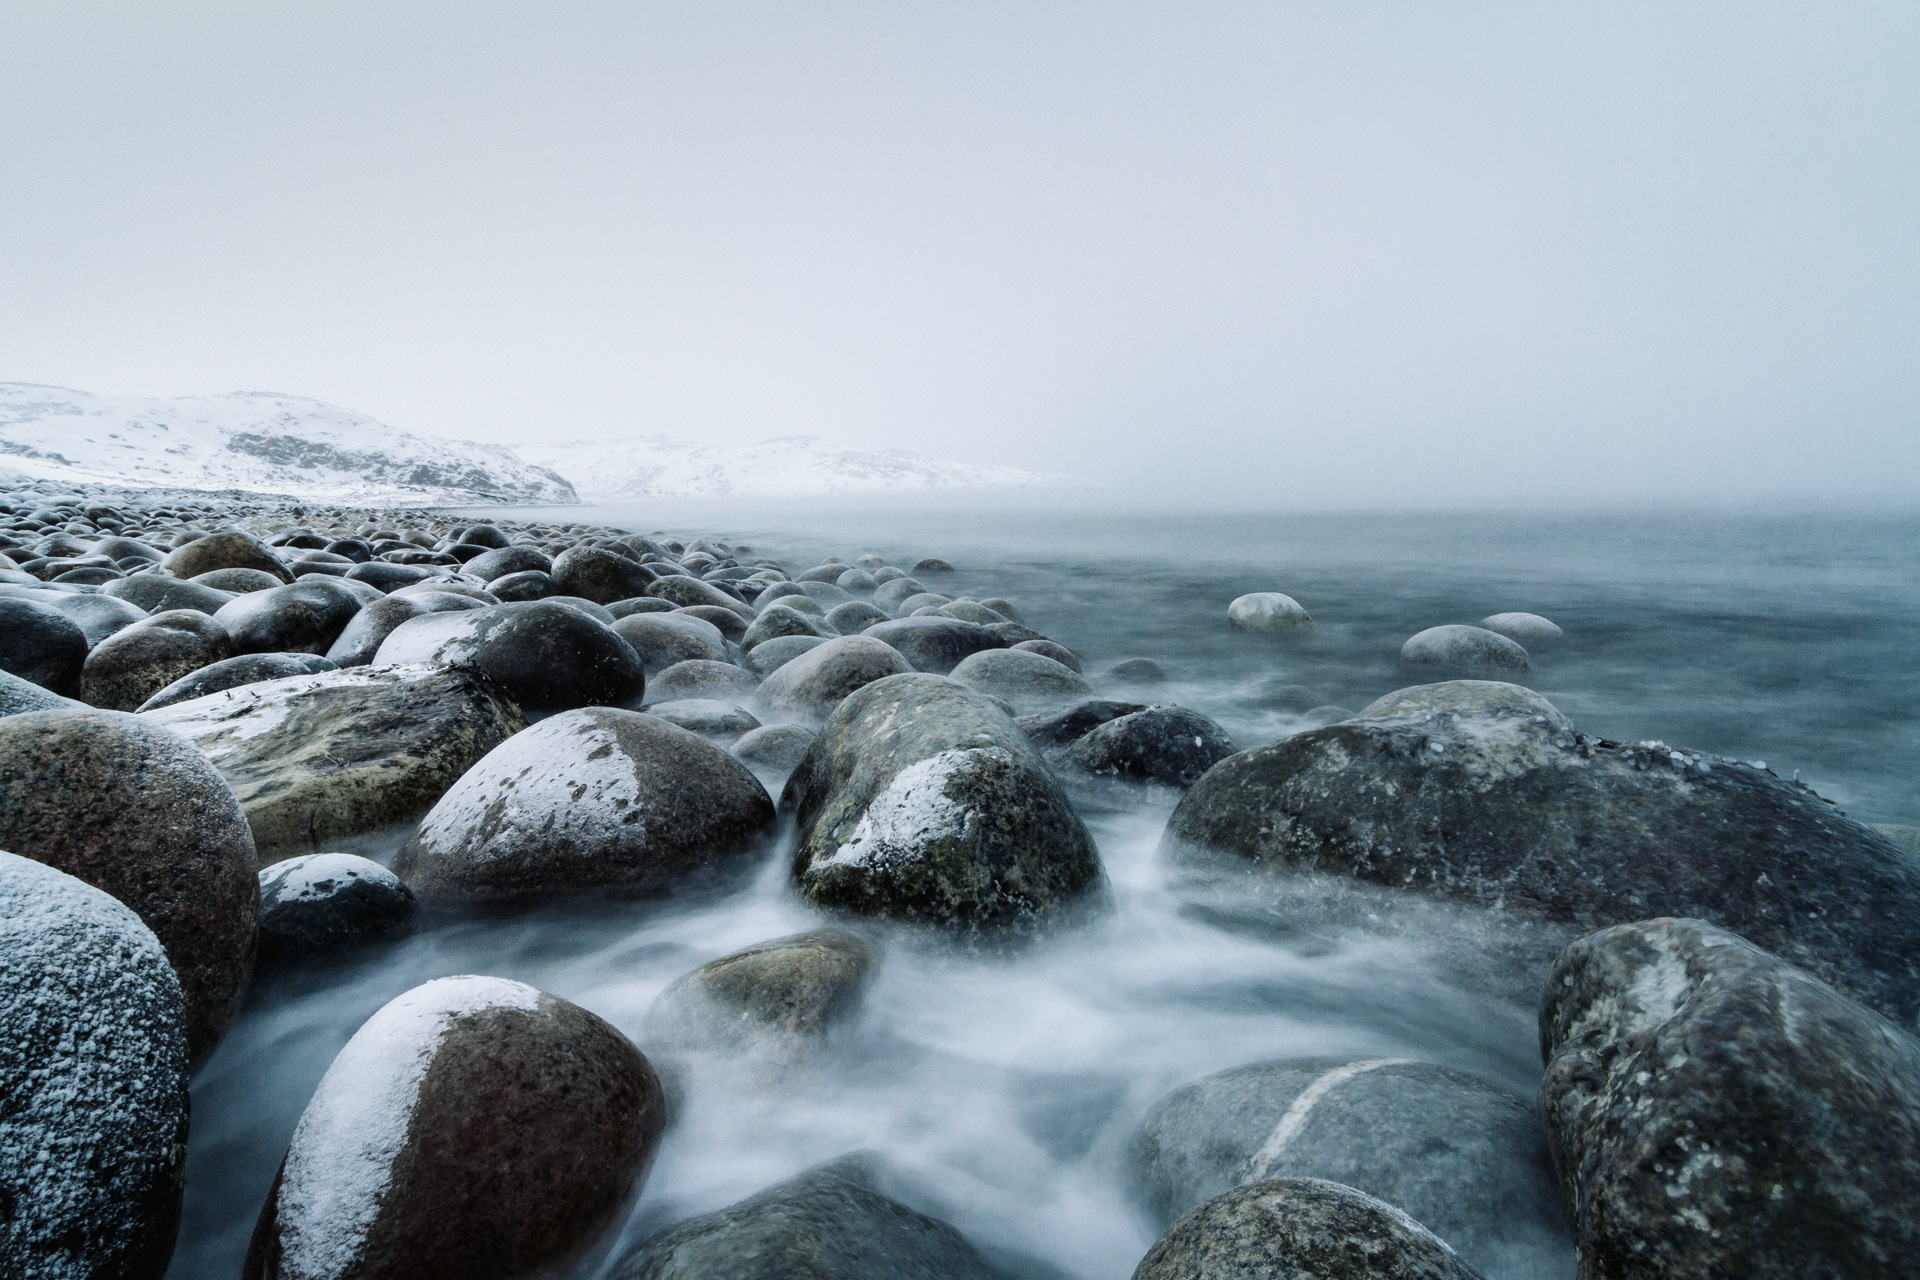 туман, камни, холодная, снег, облака, воды, Обои HD - Профессор falken.com